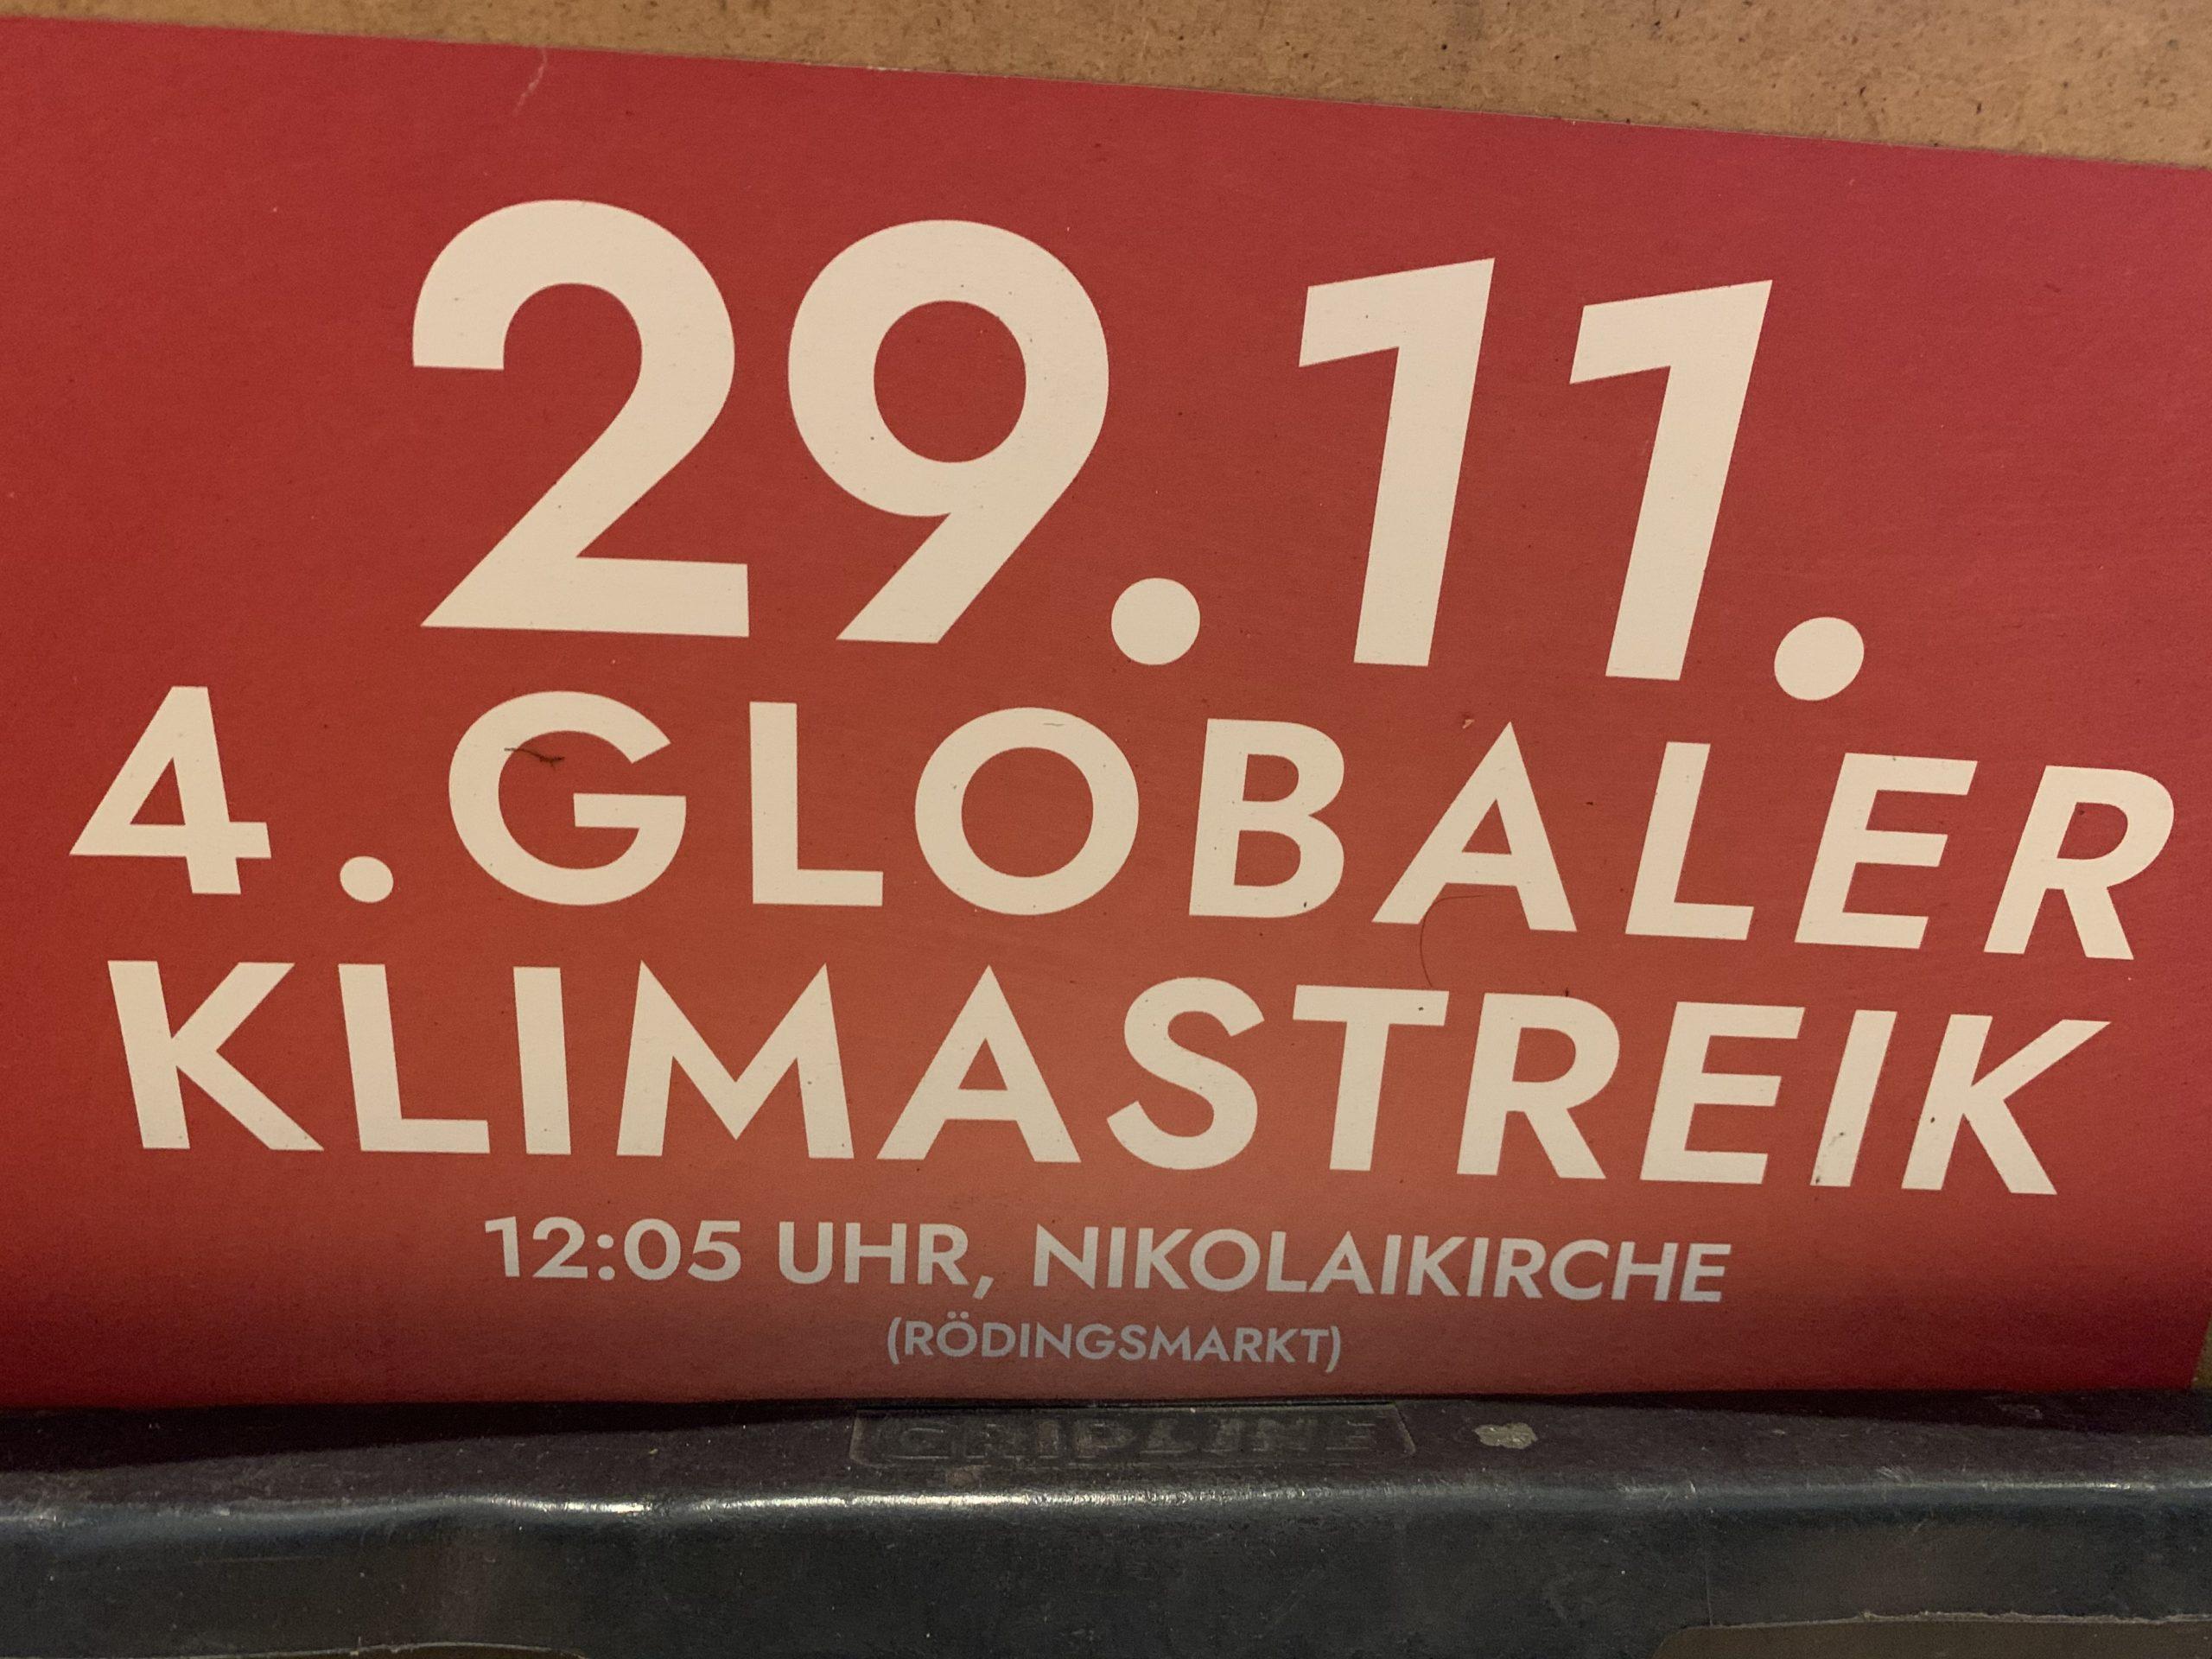 Klimastreik am 29. November